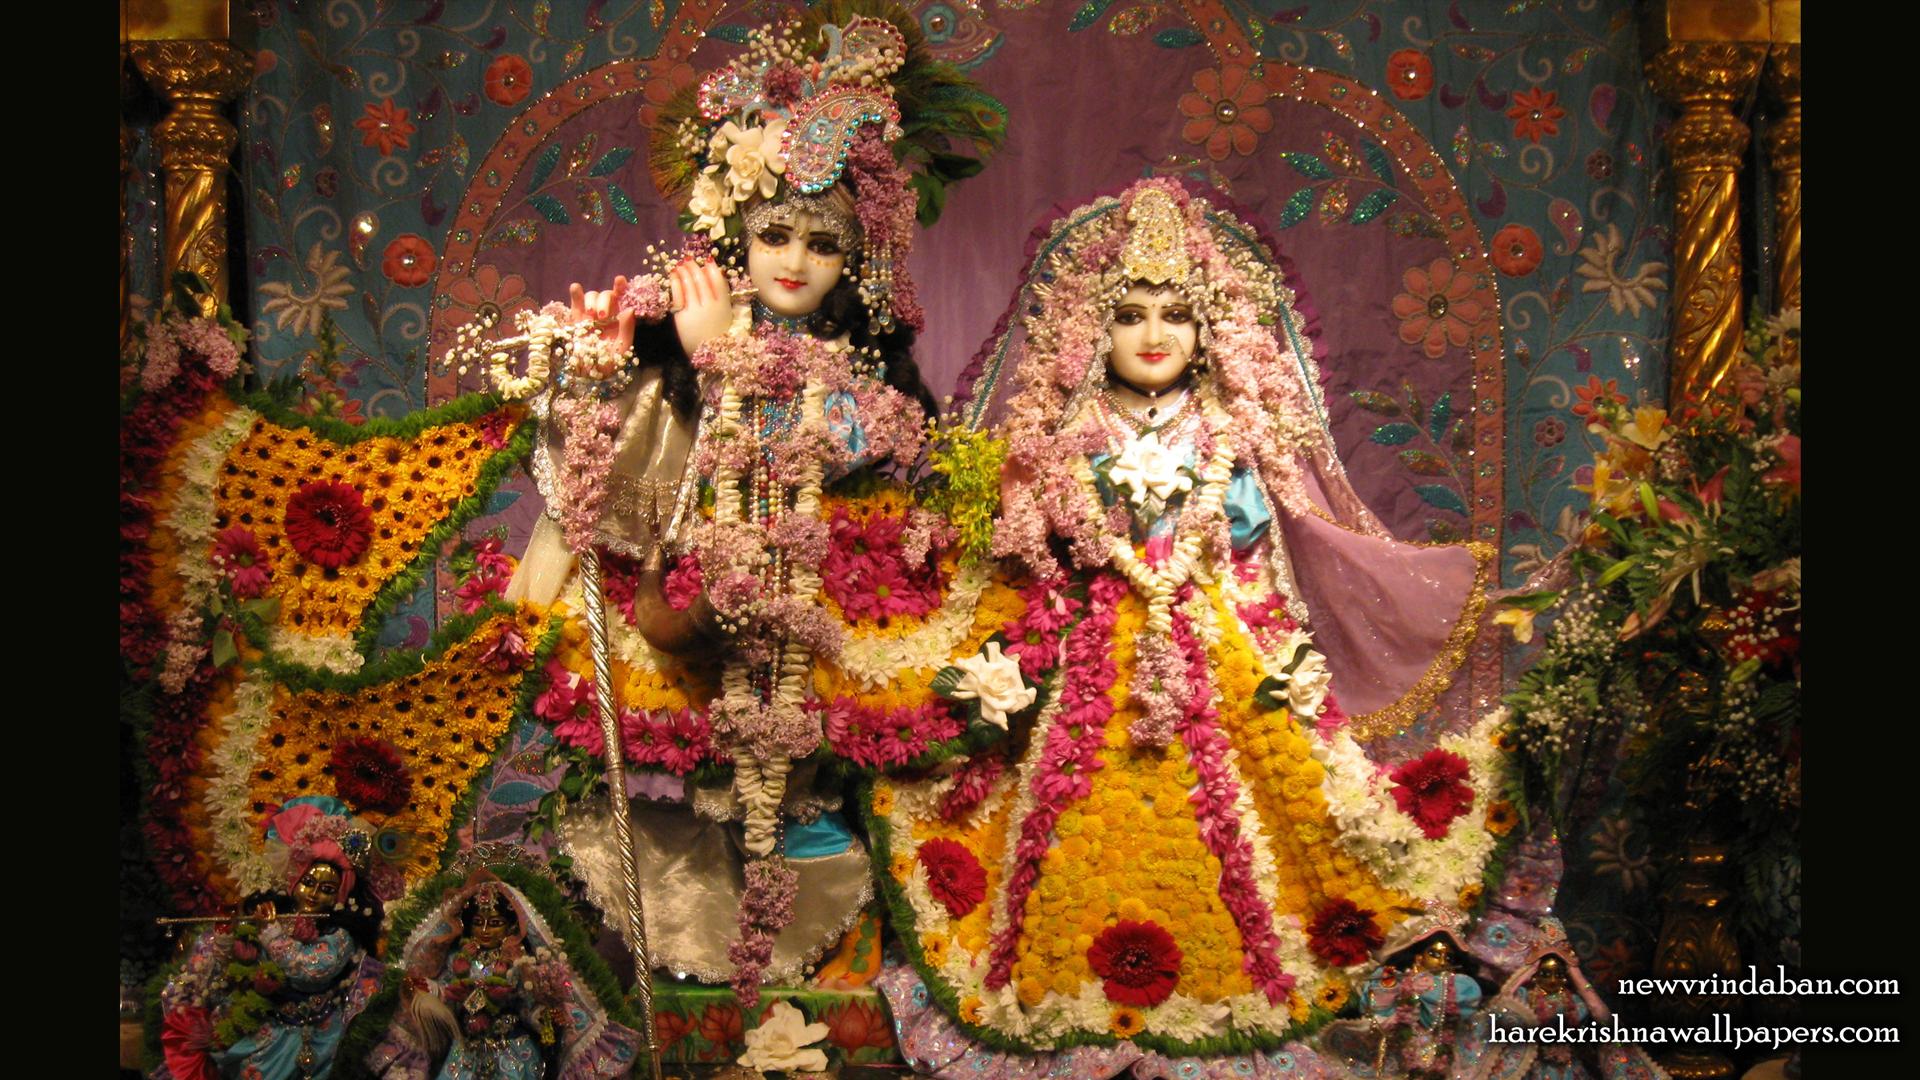 Sri Sri Radha Vrindavana Chandra Wallpaper (005) Size 1920x1080 Download